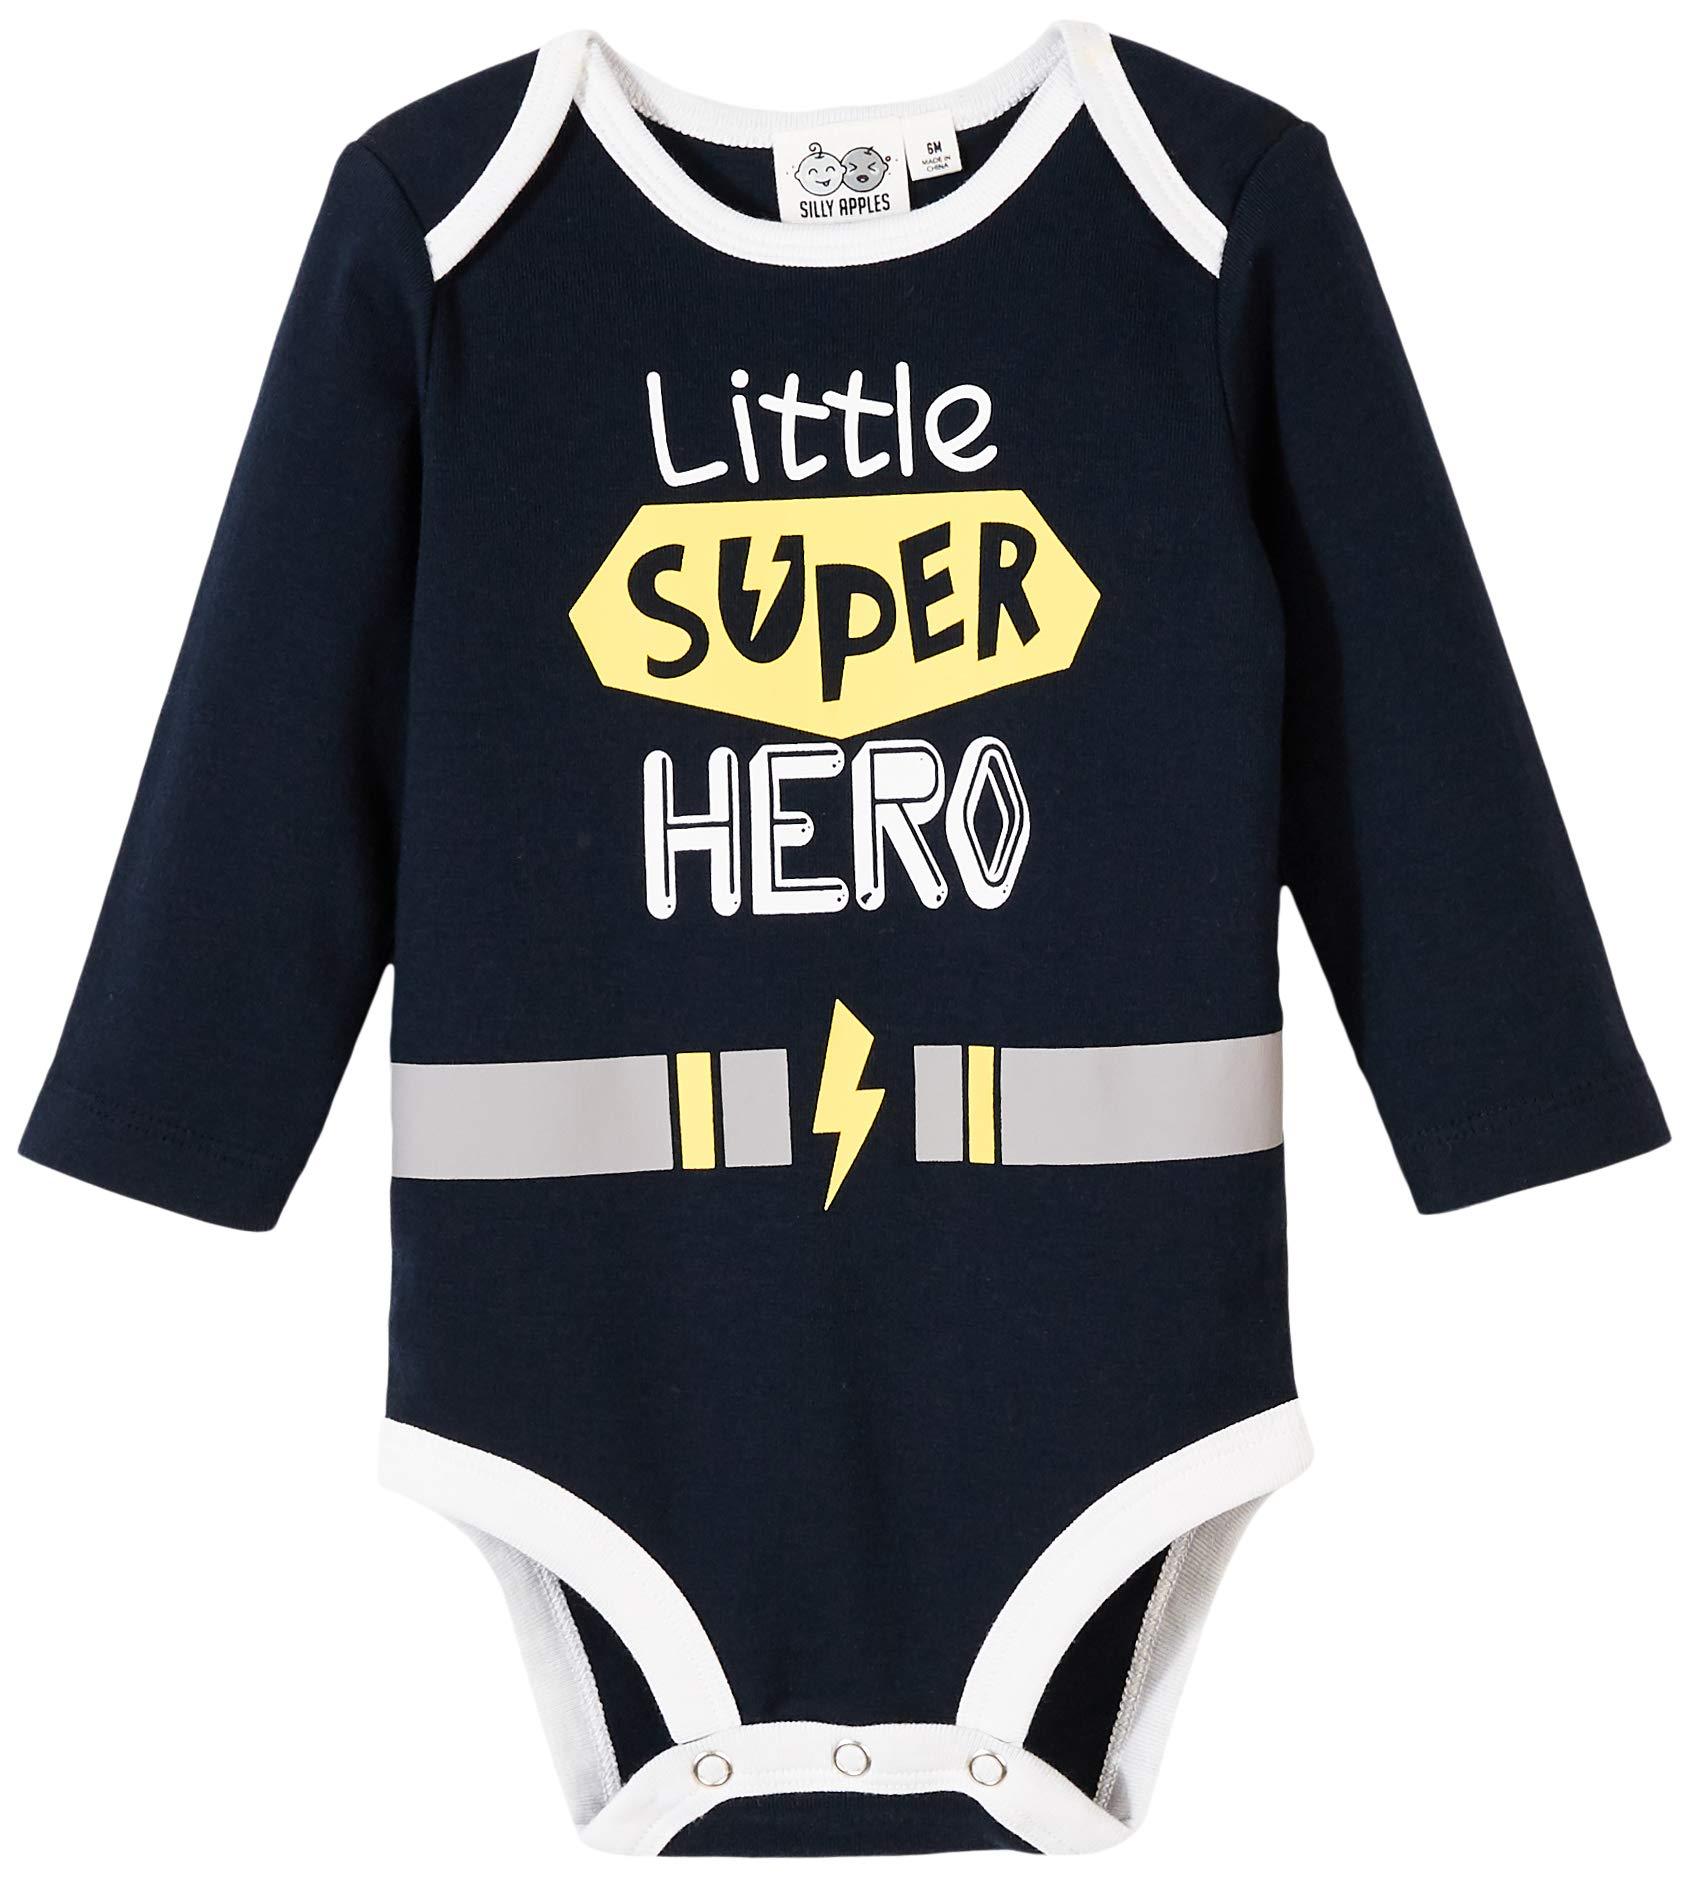 193a68741 Cute Baby Onesies